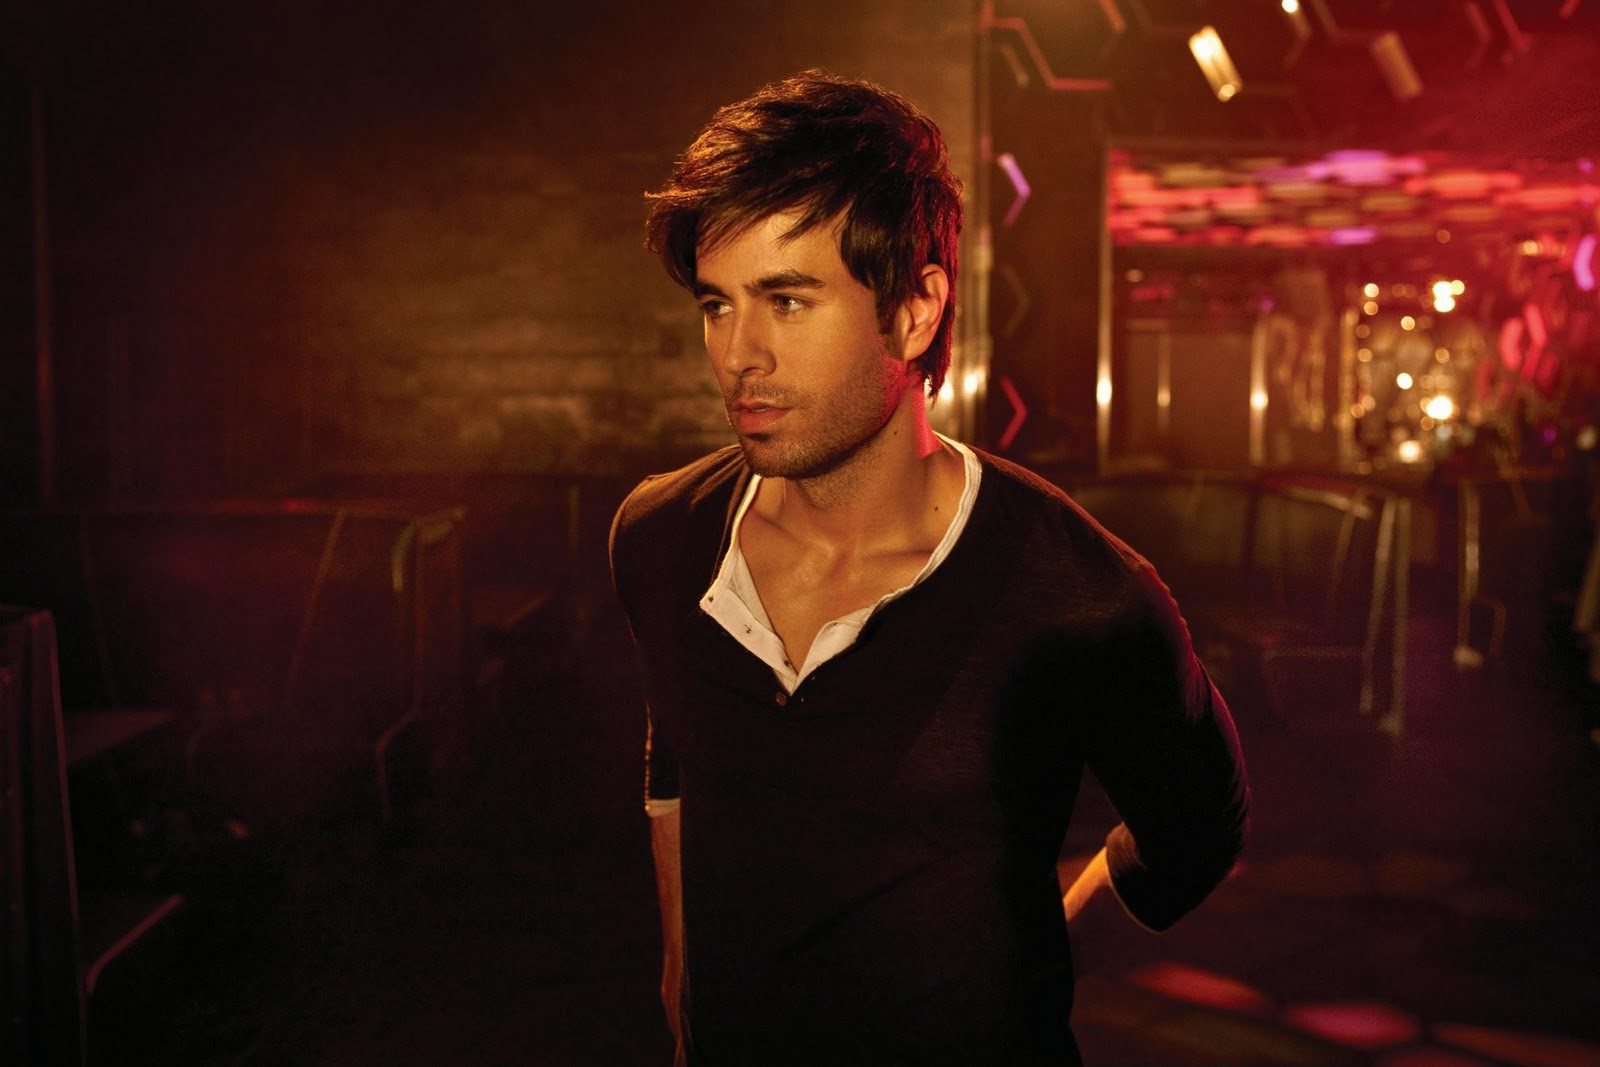 http://4.bp.blogspot.com/_lIyFl0bgYNU/TVLUWaGgI9I/AAAAAAAAAiY/UMT5Giqpd0g/s1600/Enrique+36.jpg